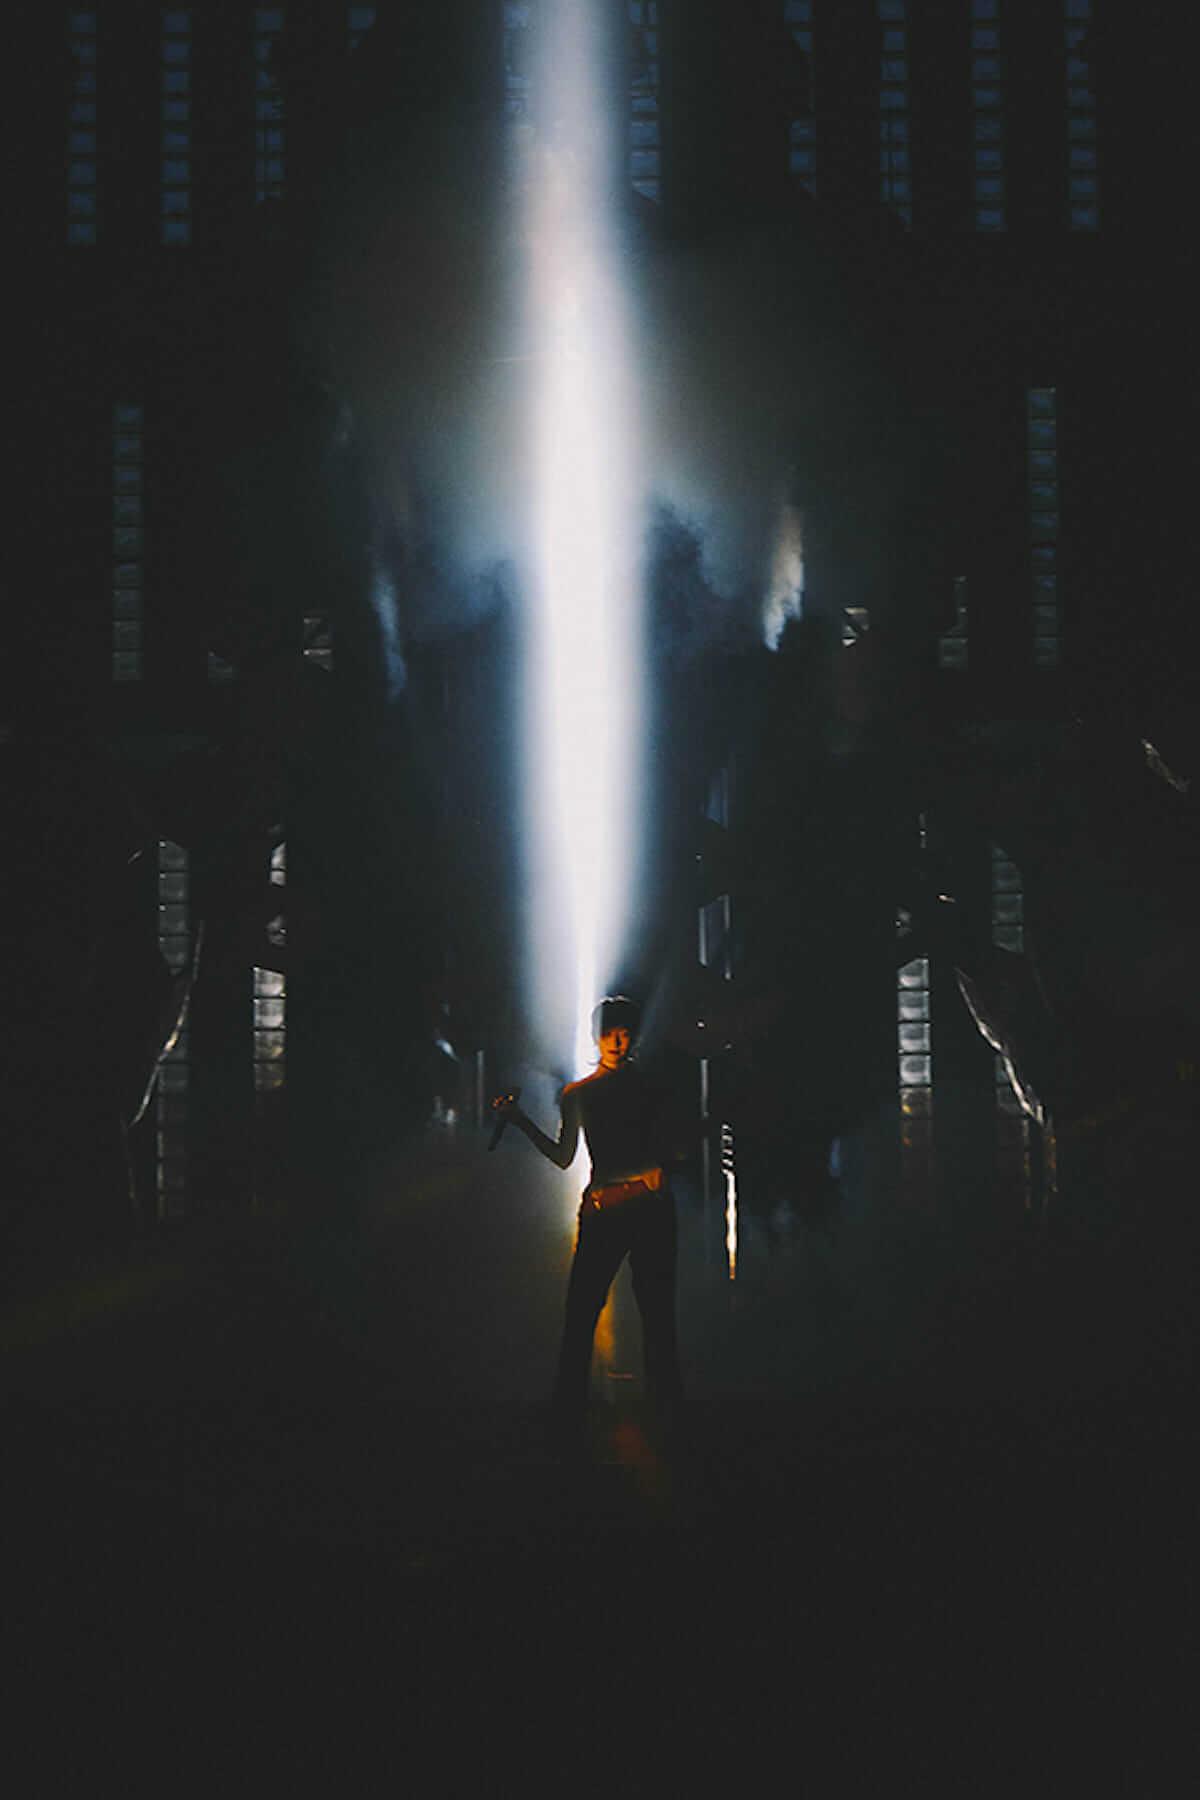 水曜日のカンパネラ 円形劇場公演レポート。全国4都市を巡る「ガラパゴスツアー」開催も決定! music180702_wedcamp_10-1200x1800